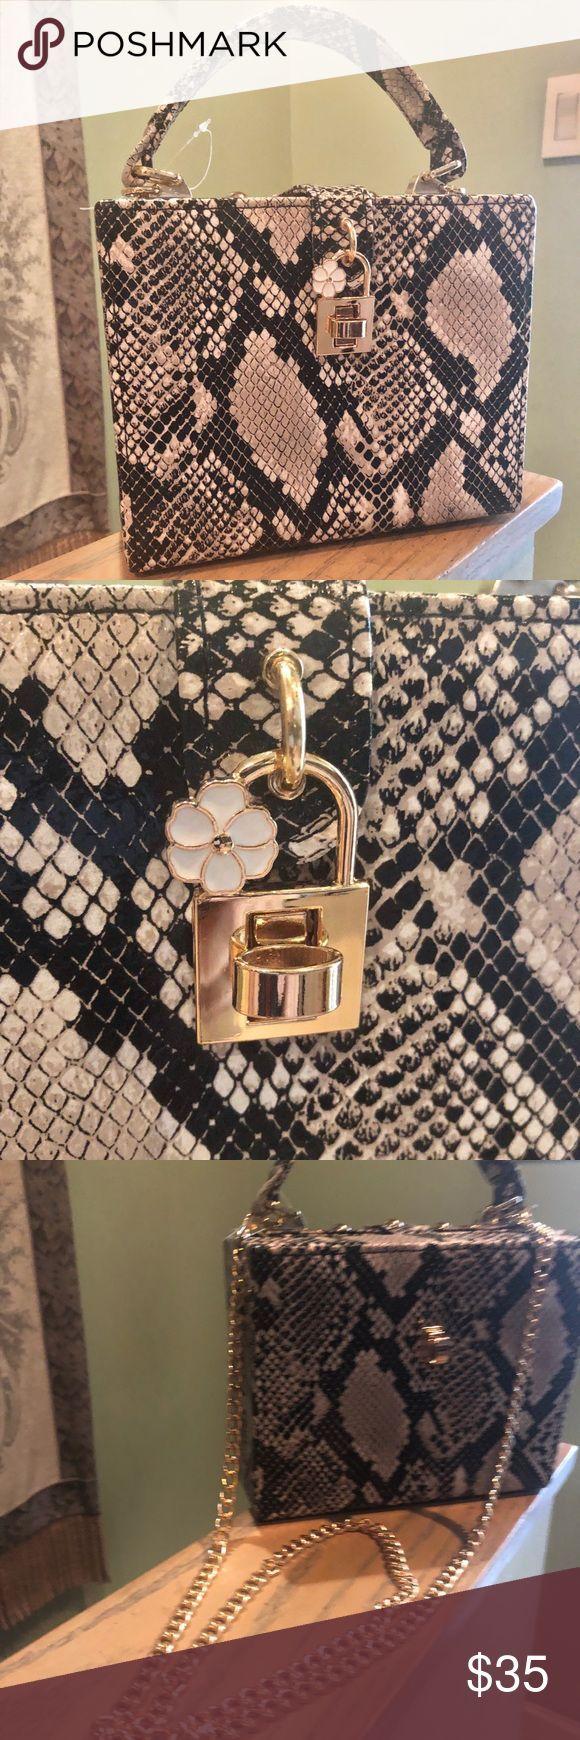 Snake print boxy bag NWOT Snake print boxy bag. Gold tone hardware with detacha#Eyes